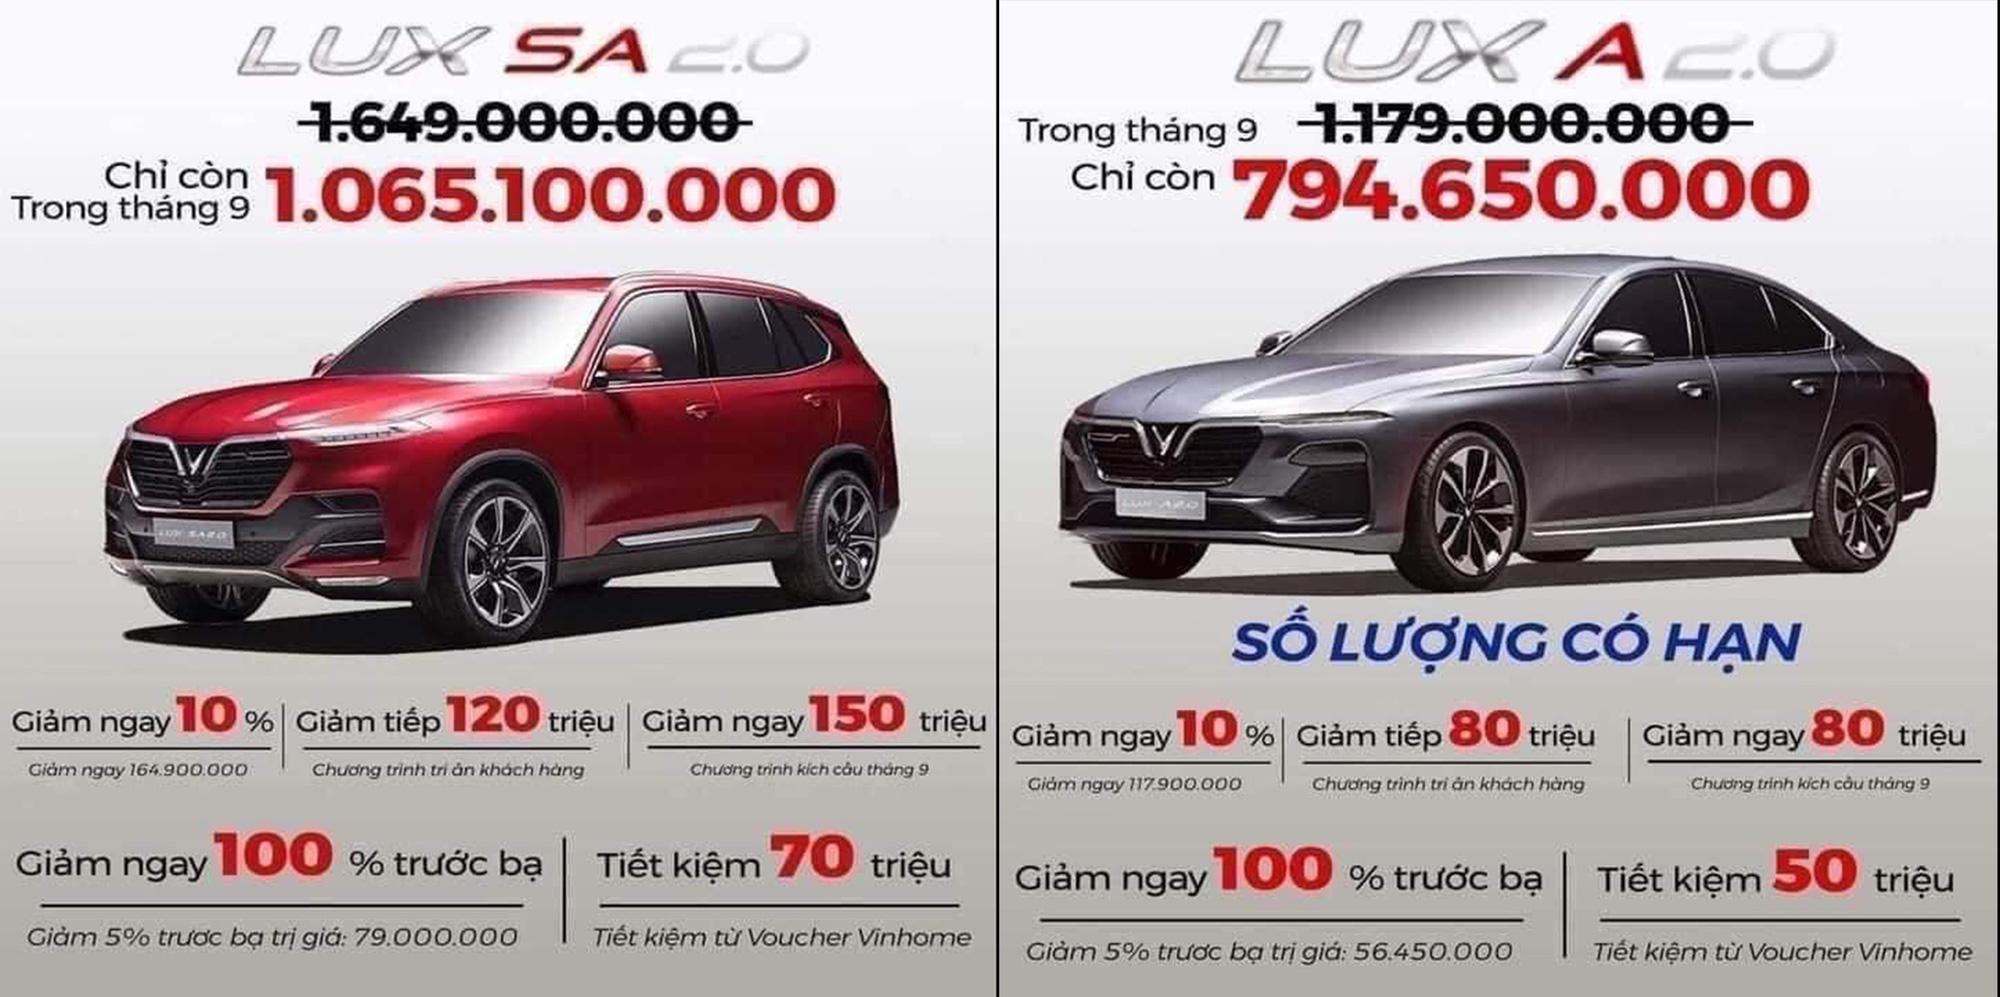 VinFast giảm giá xe đến gần 600 triệu đồng